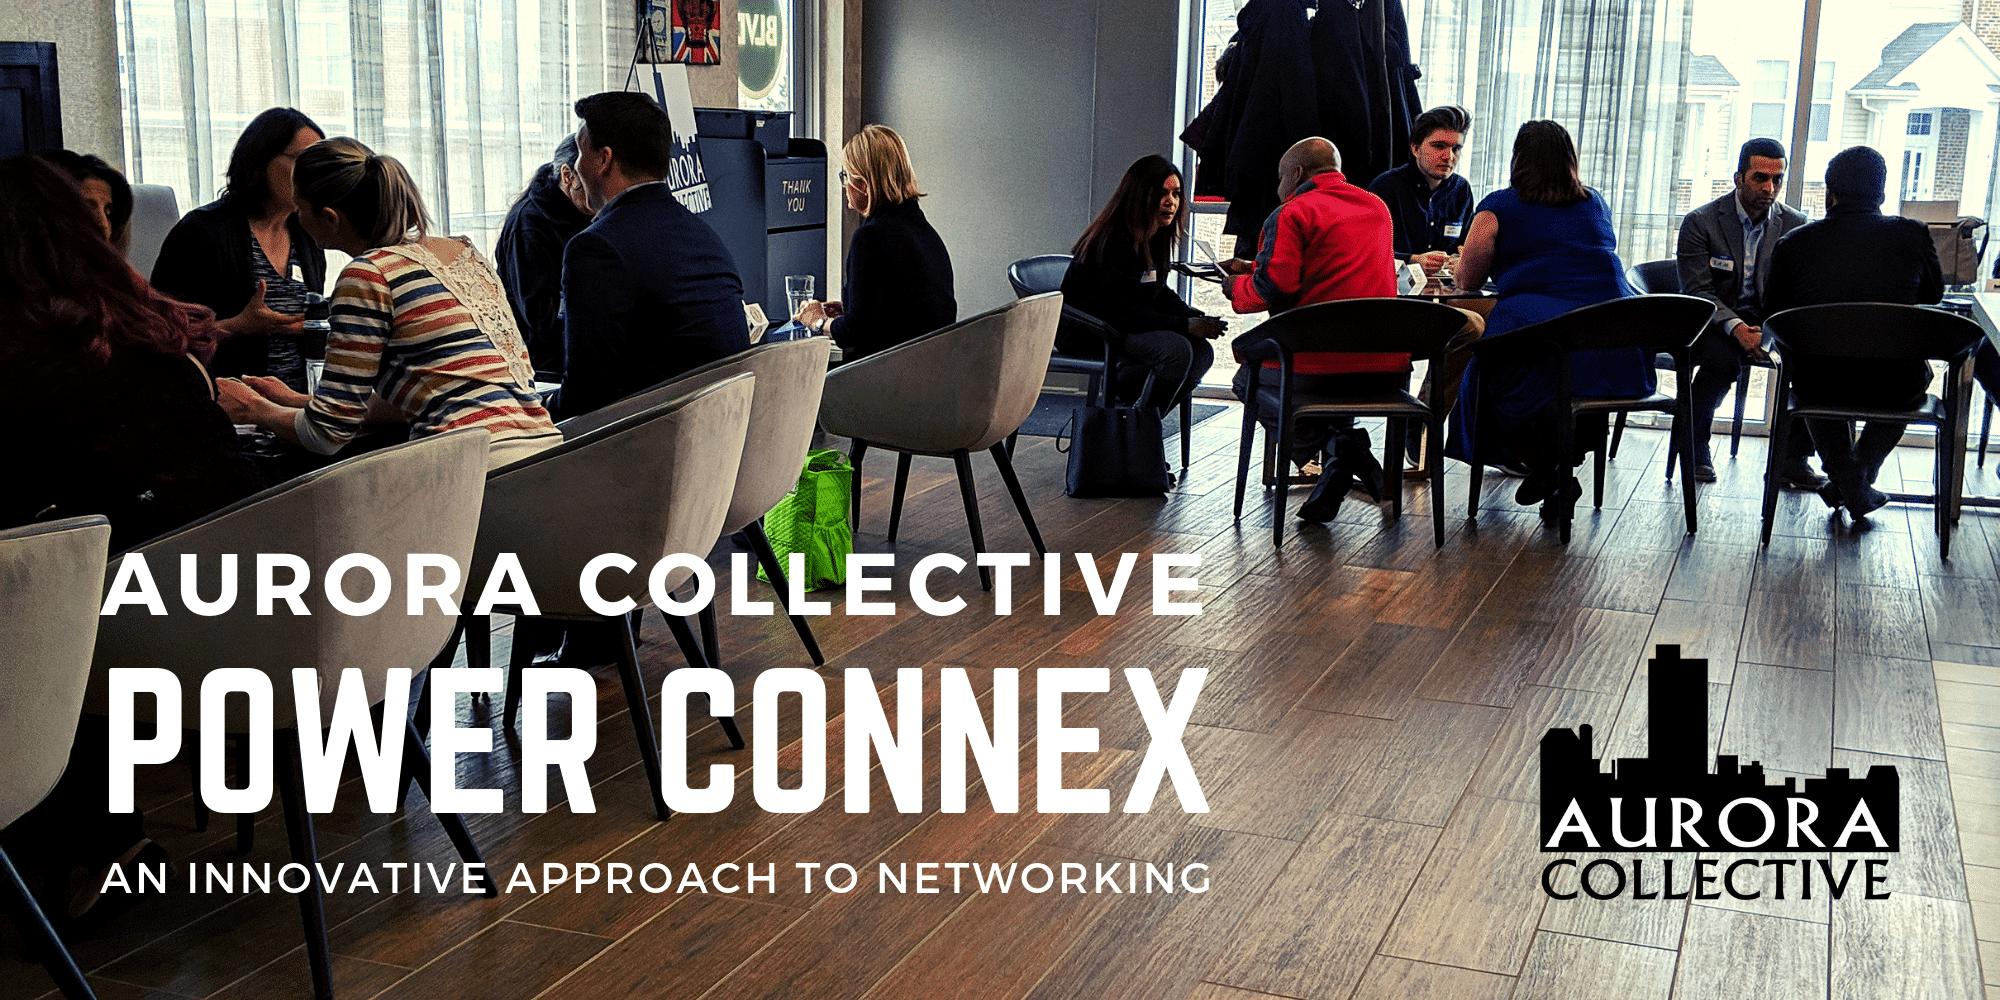 Aurora Collective Power Connex